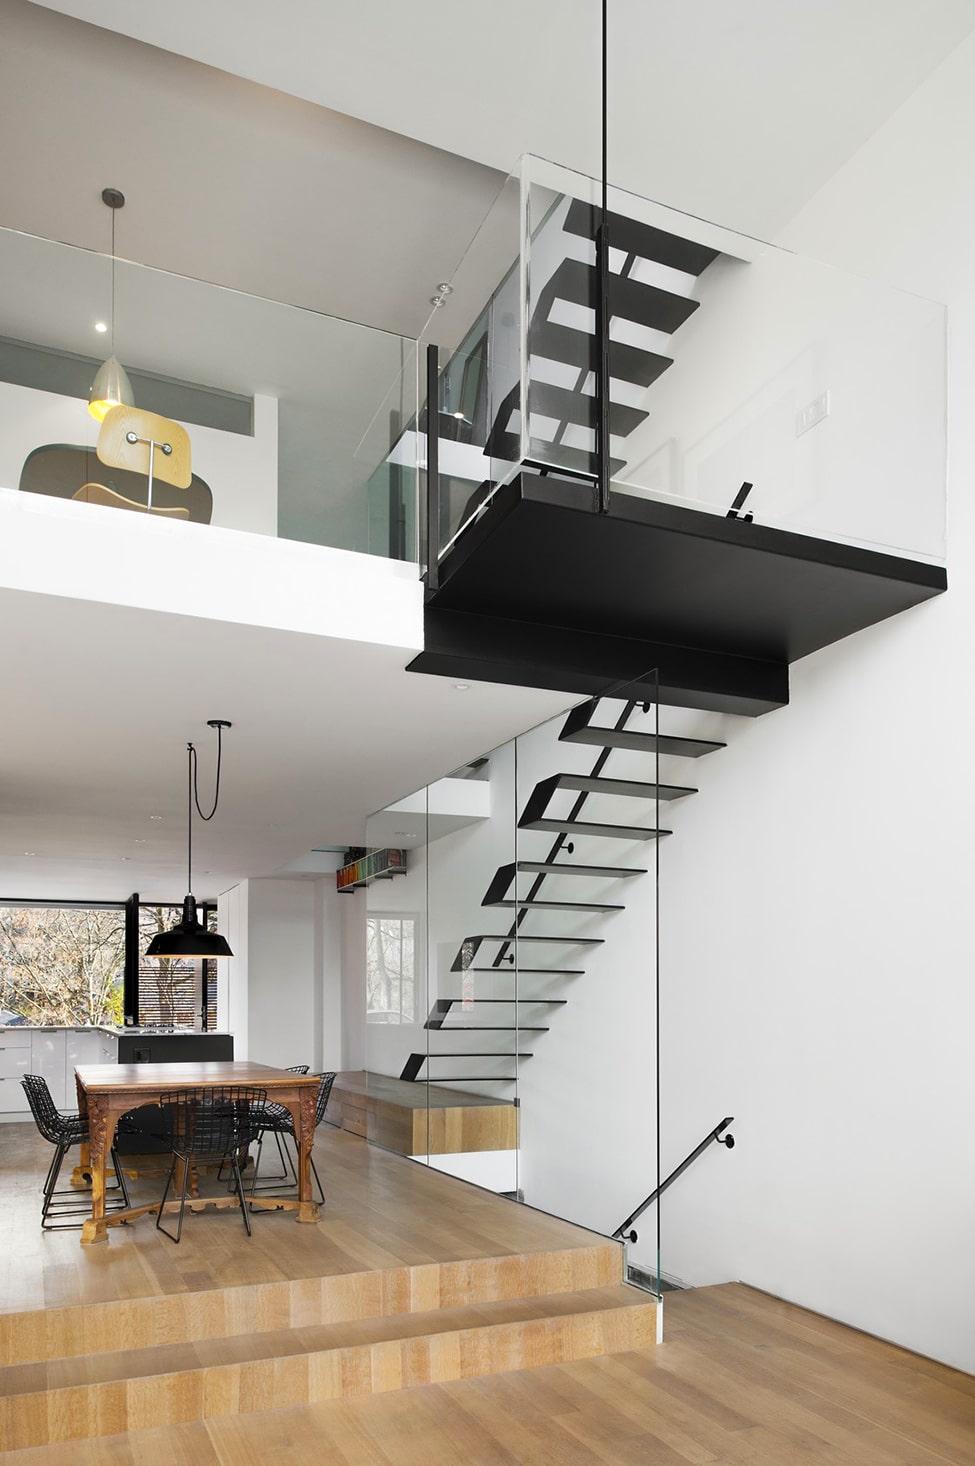 Planos de casa angosta y larga construye hogar - Escaleras para casas modernas ...